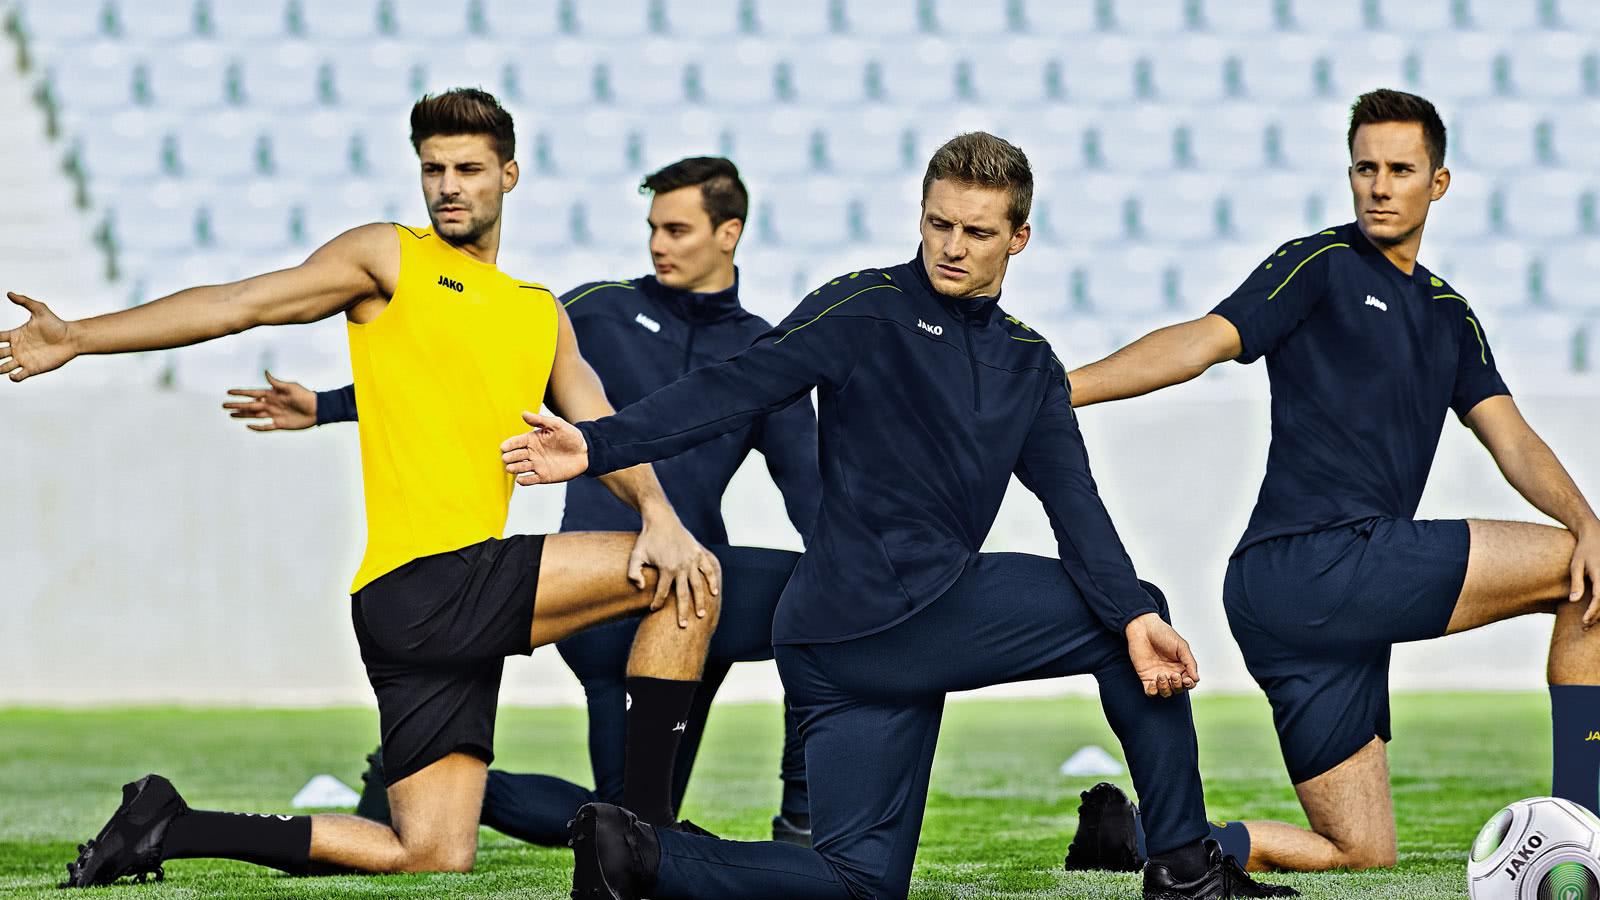 Die Jako Classico Sportbekleidung mit Trainingsanzüge oder Short für dich und dein Team bis 2021